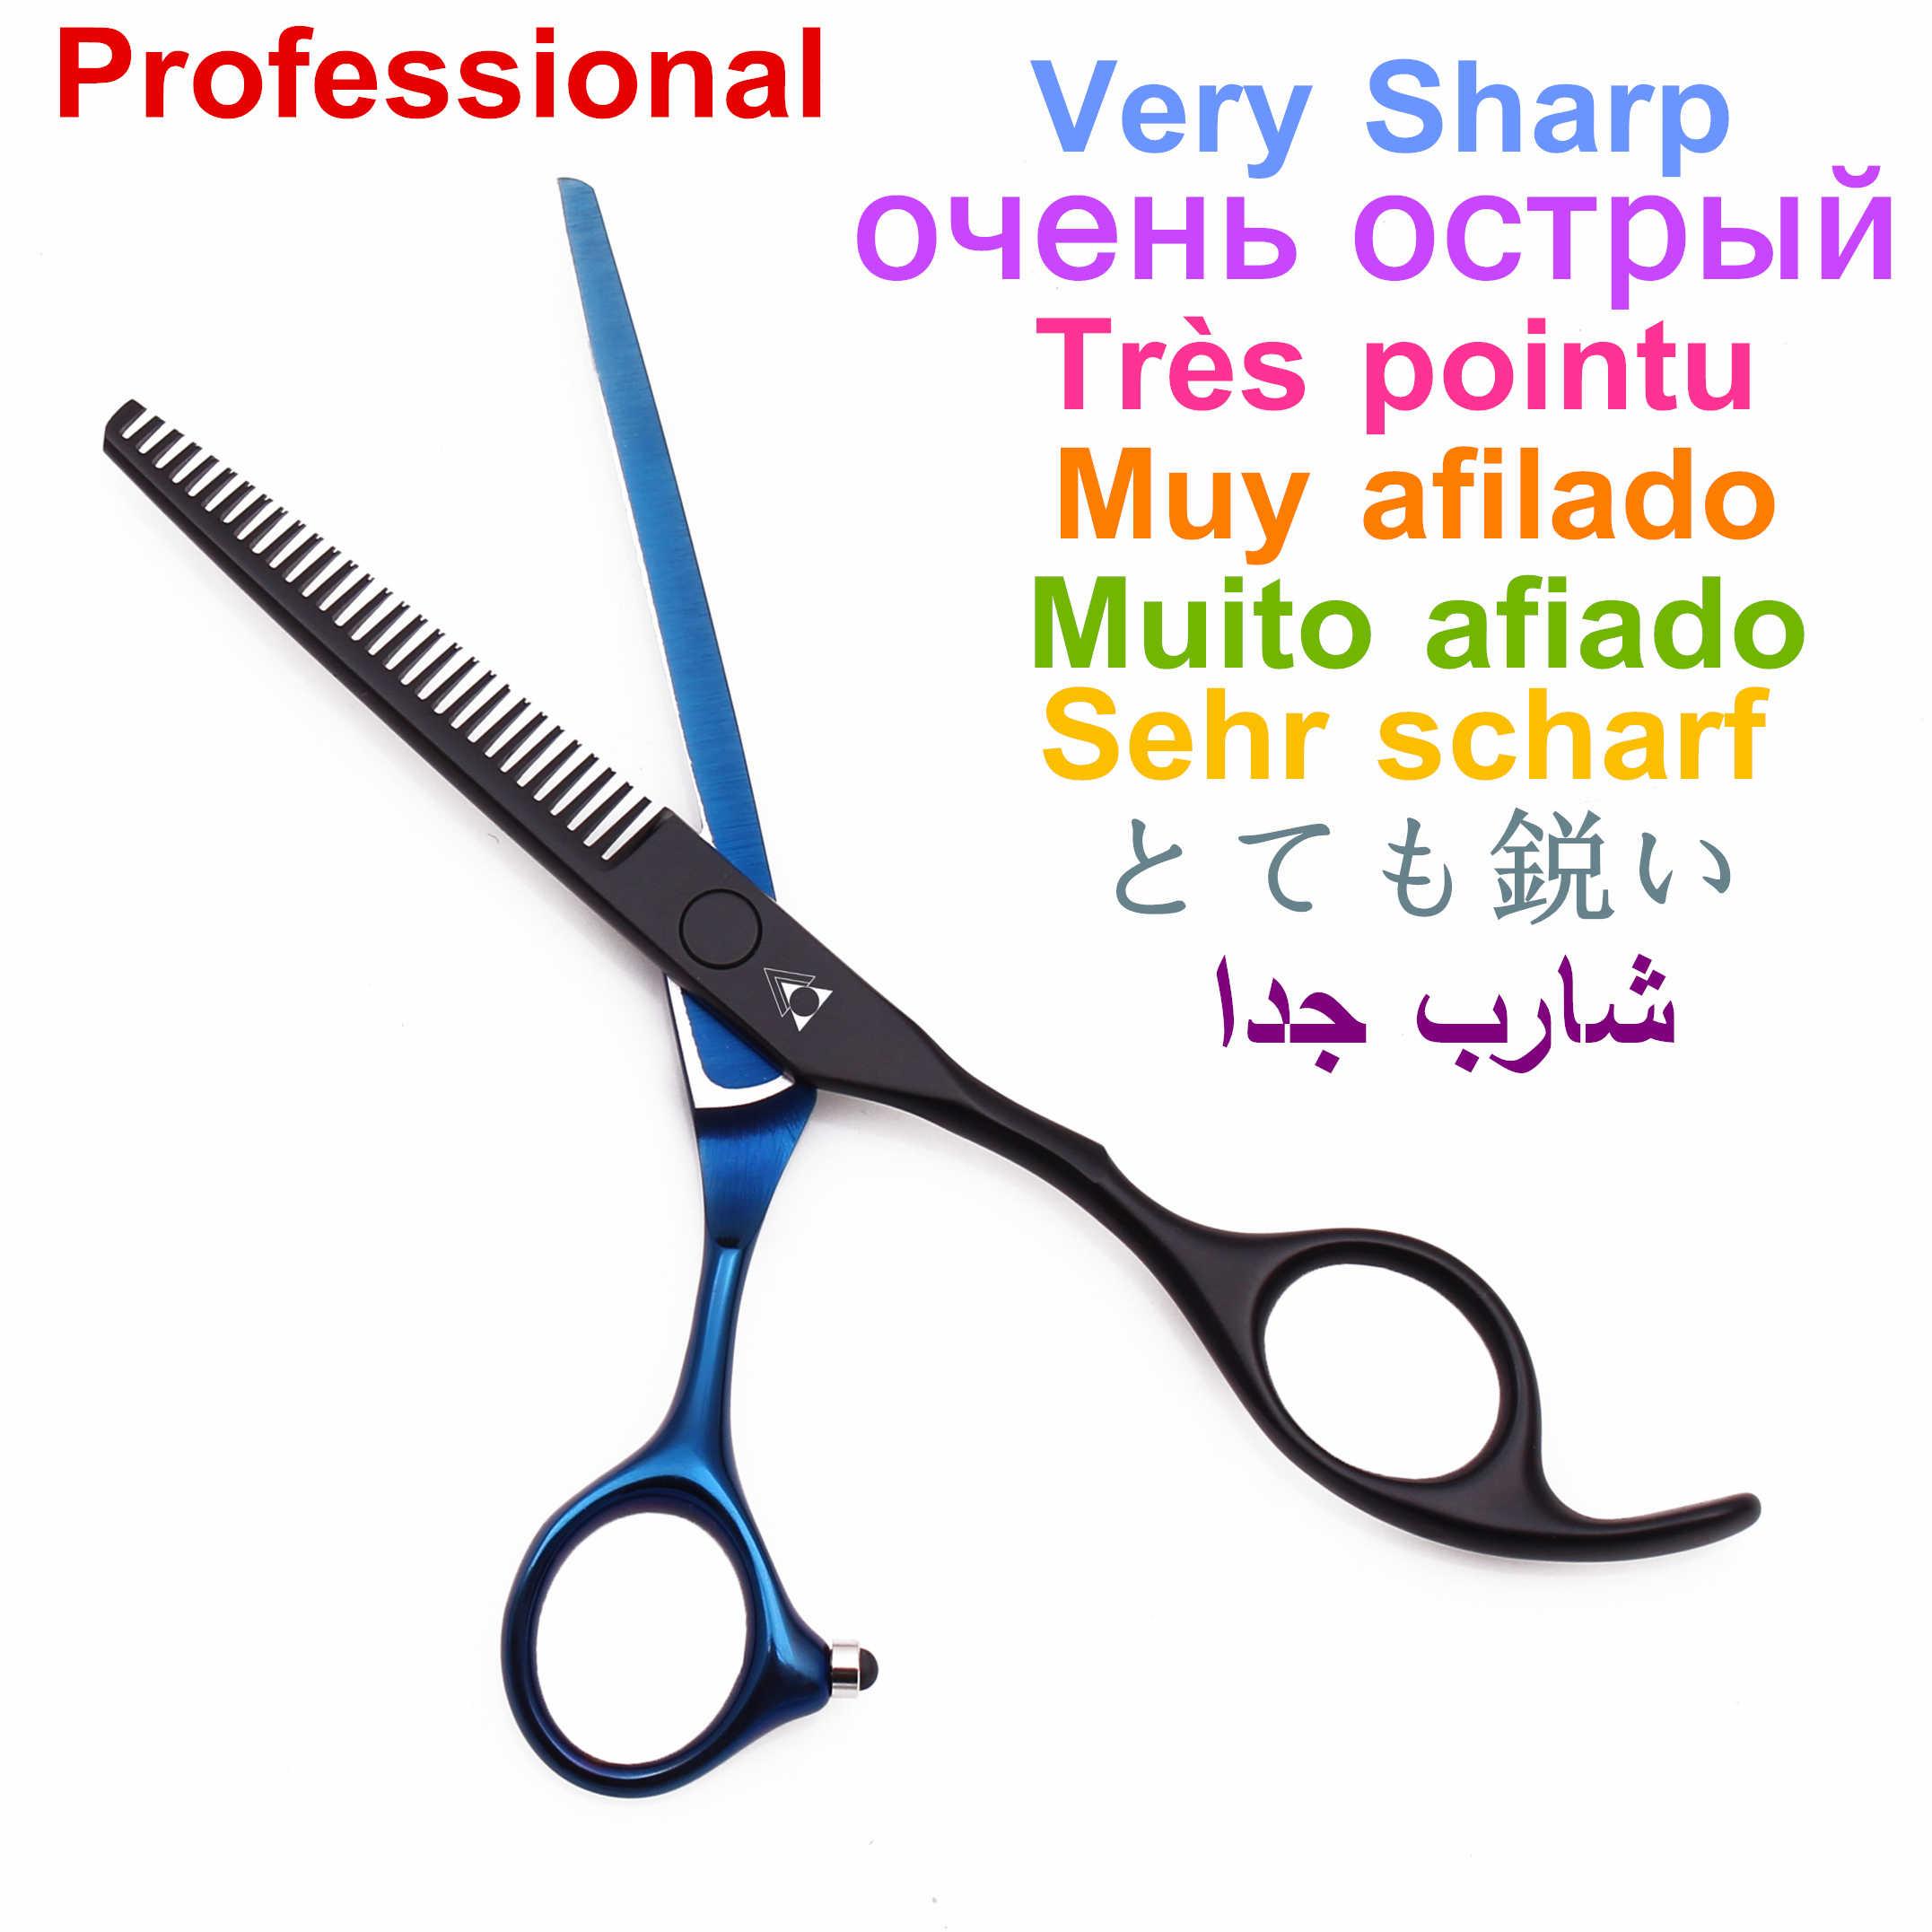 Tesoura de desbaste para cabelo, conjunto de tesouras 5.5 6.0 de cabeleireiro profissional 440c aço japonês 888 #